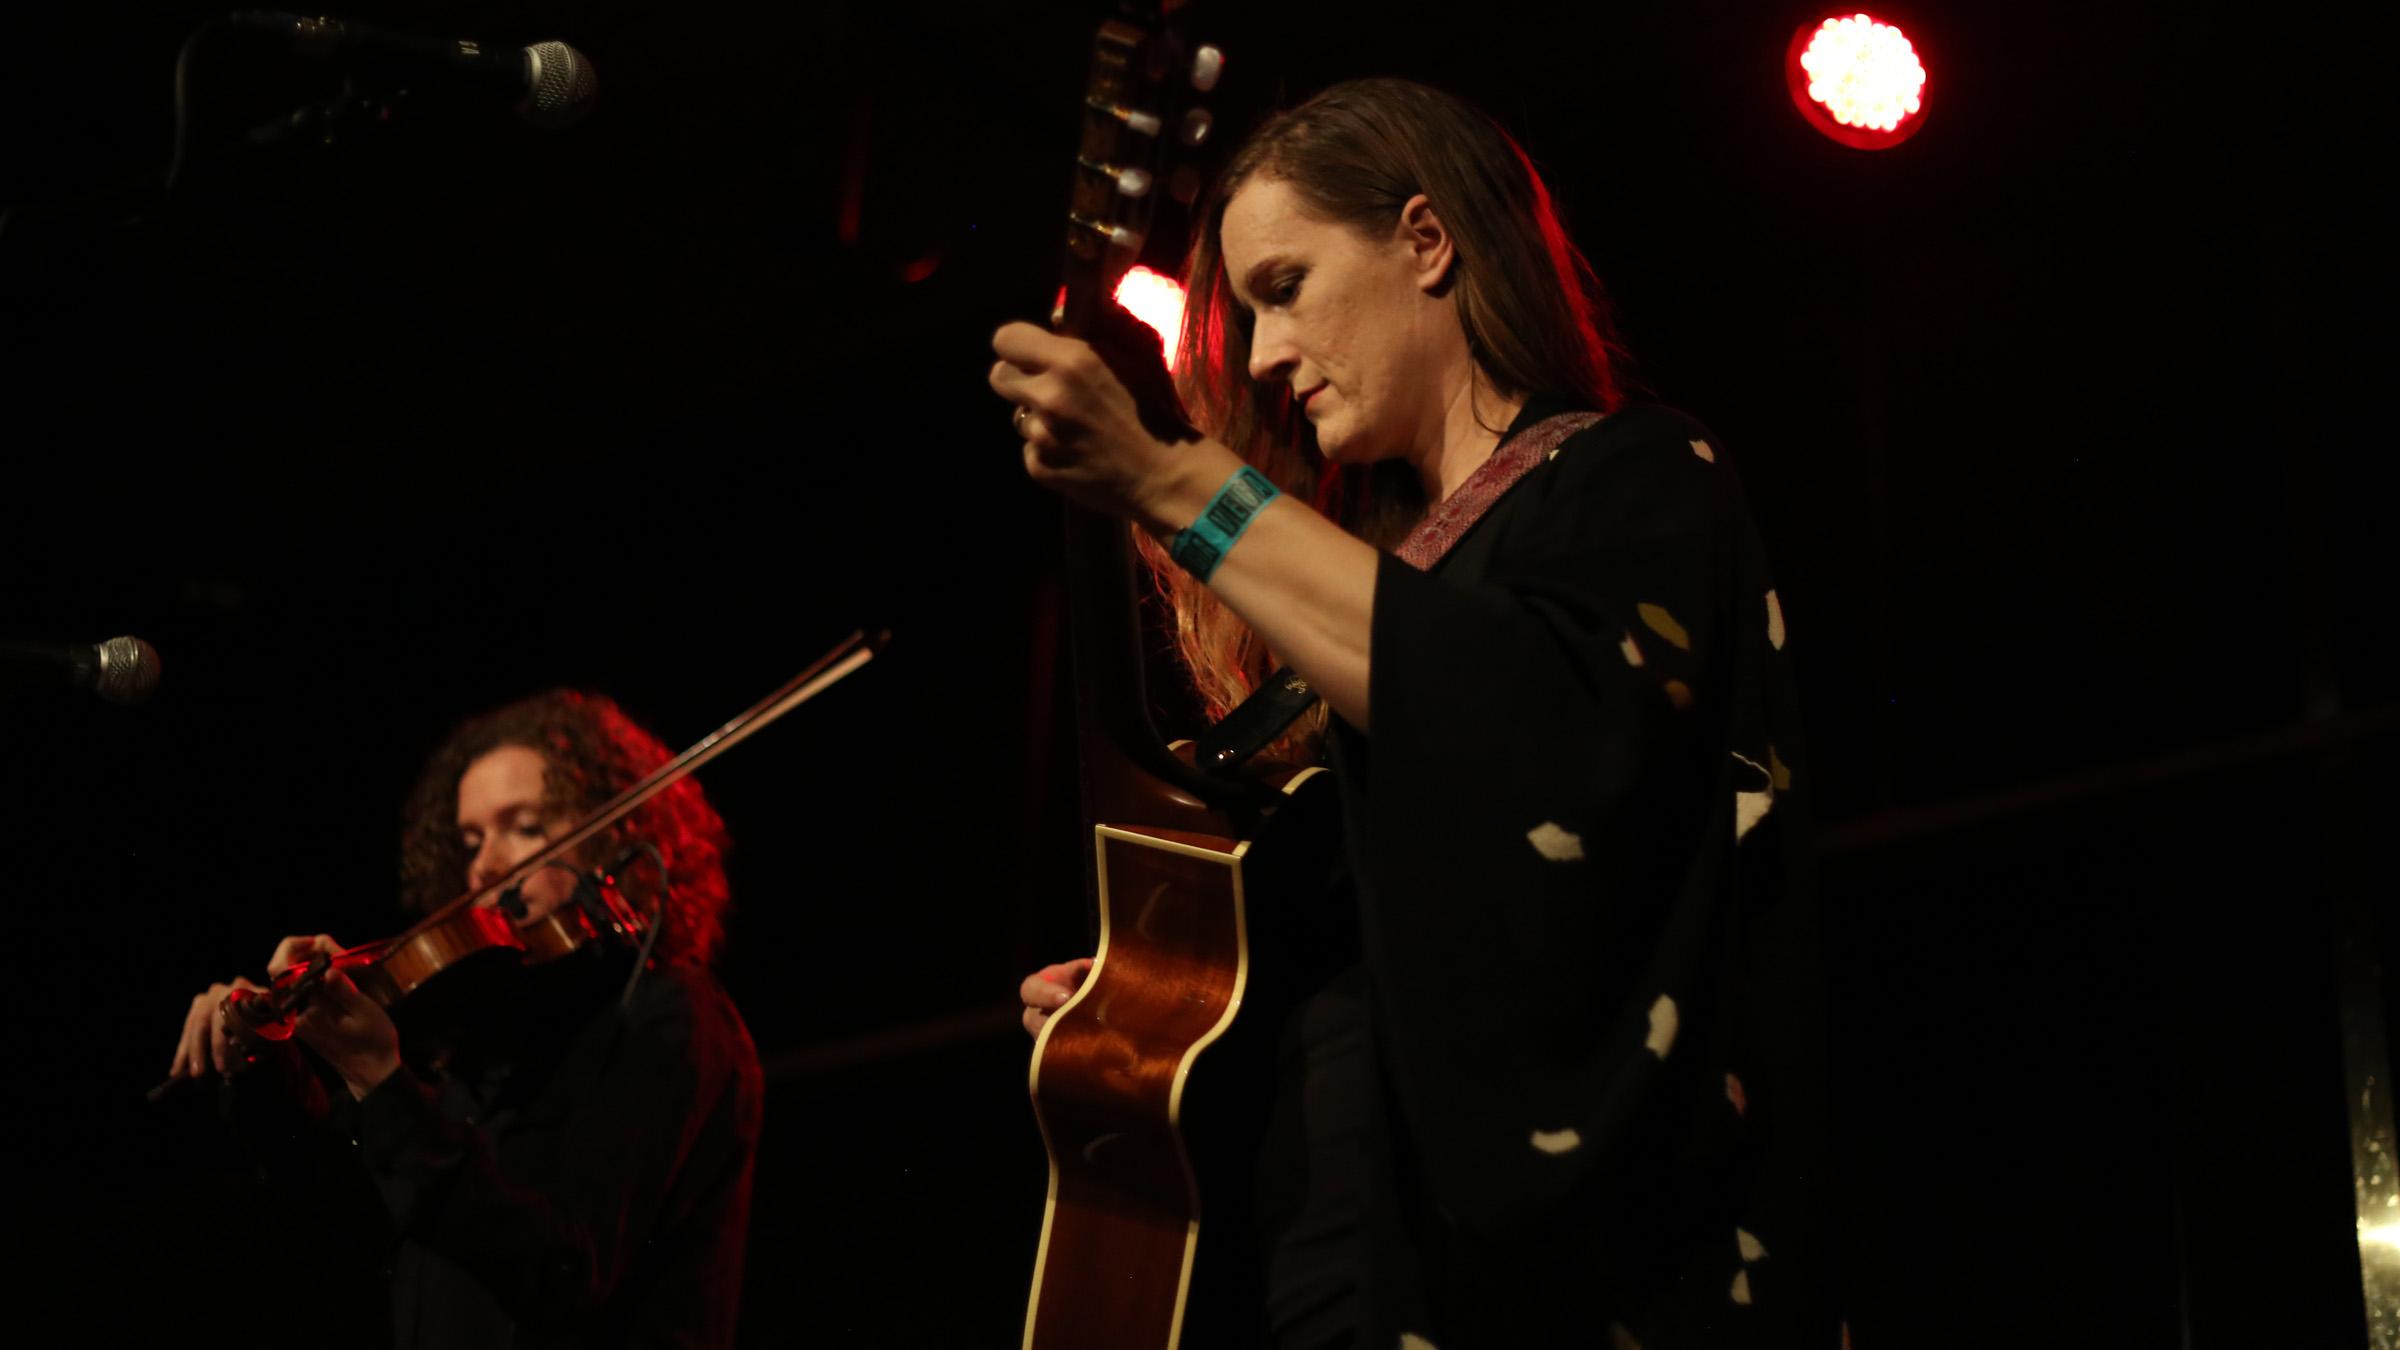 Laura Gibon live at Ideal Bar Copenhagen